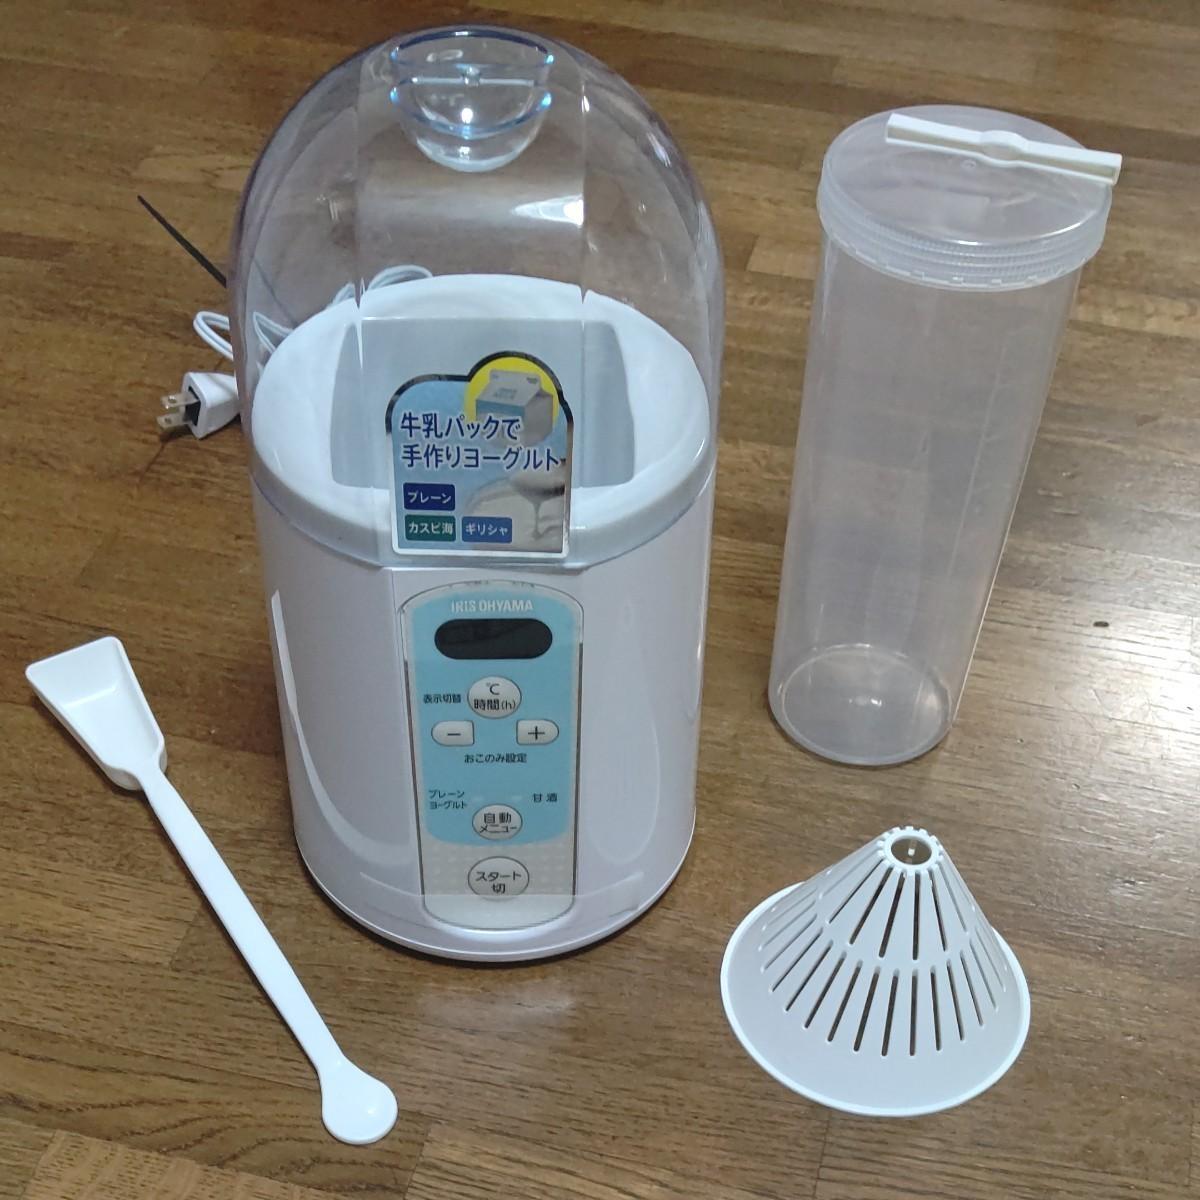 アイリスオーヤマ ヨーグルトメーカー 温度調節機能付き  IYM-014 ホワイト